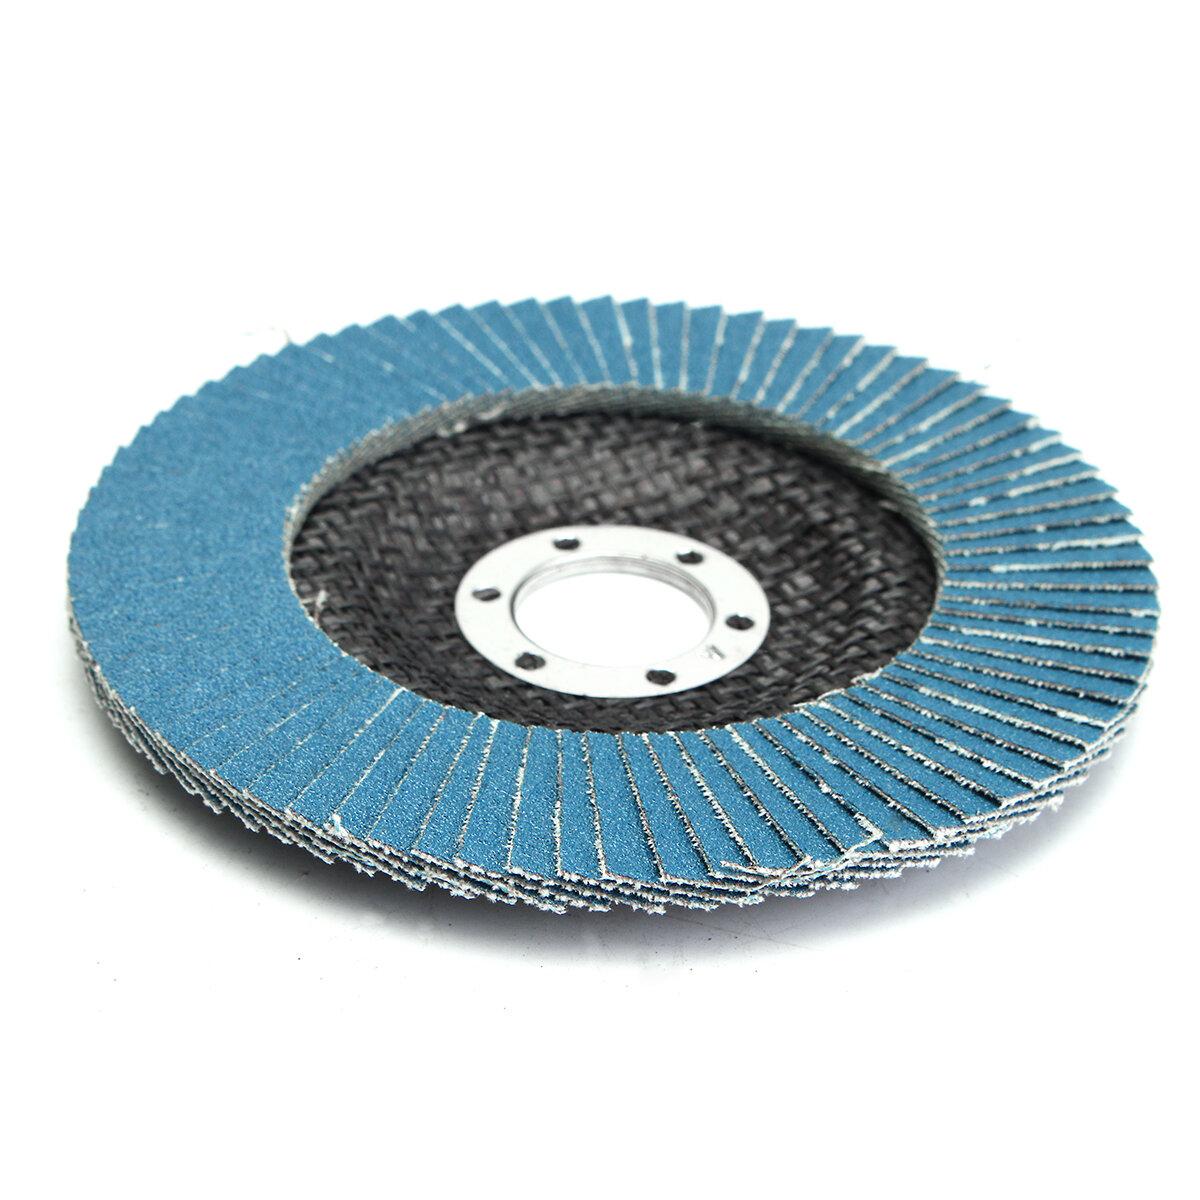 5pcs 100mm rebolo disco aba 120 grit ferramenta de lixamento de 4 polegadas angulado